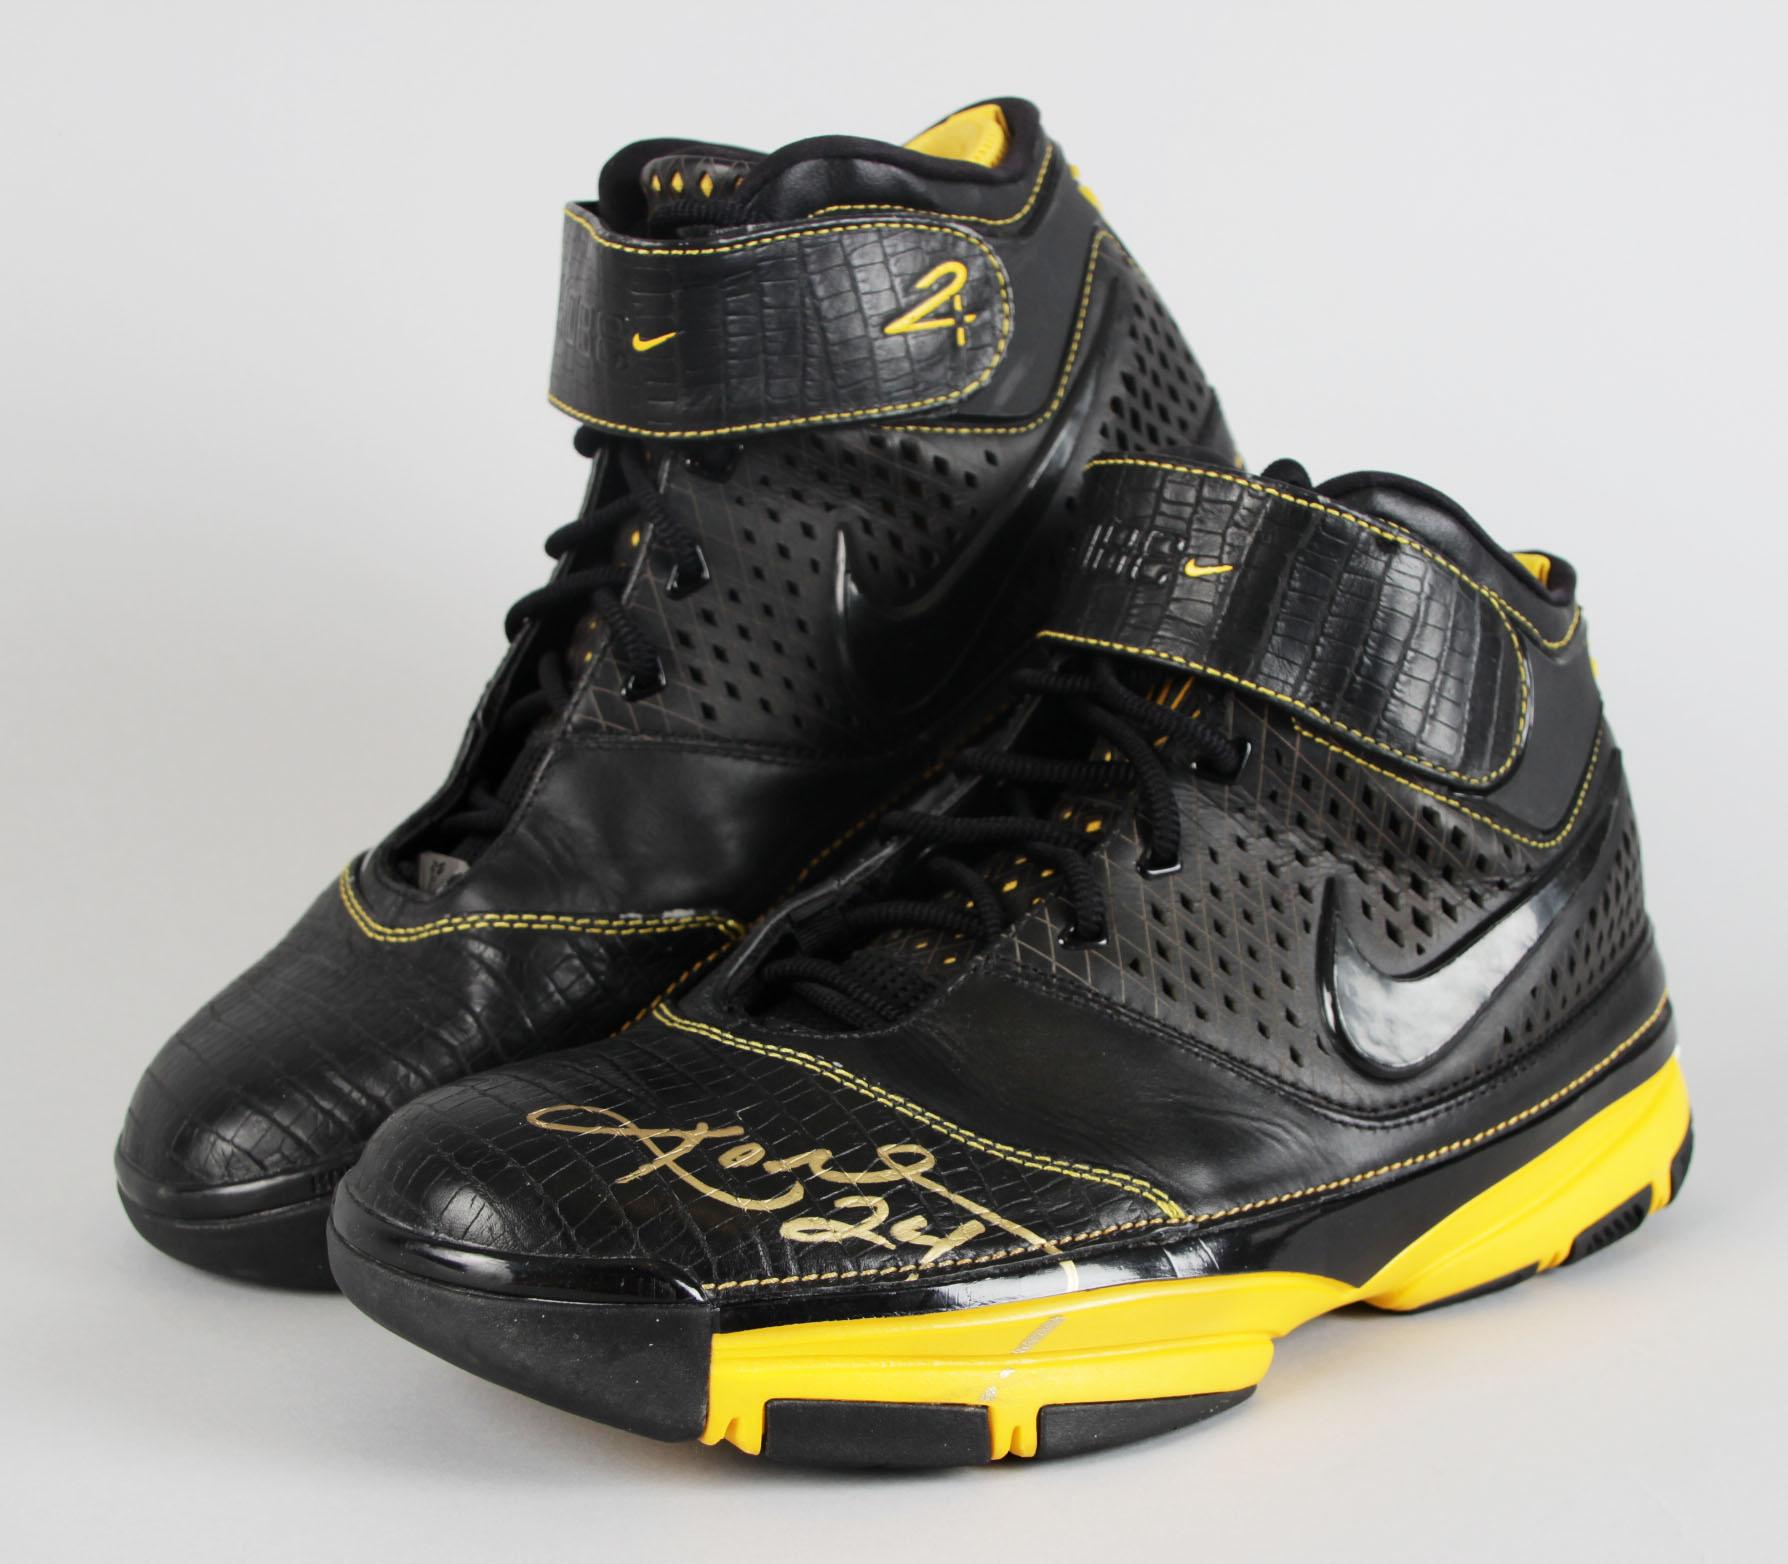 Kobe Bryant Signed Nike Zoom II Sneaker